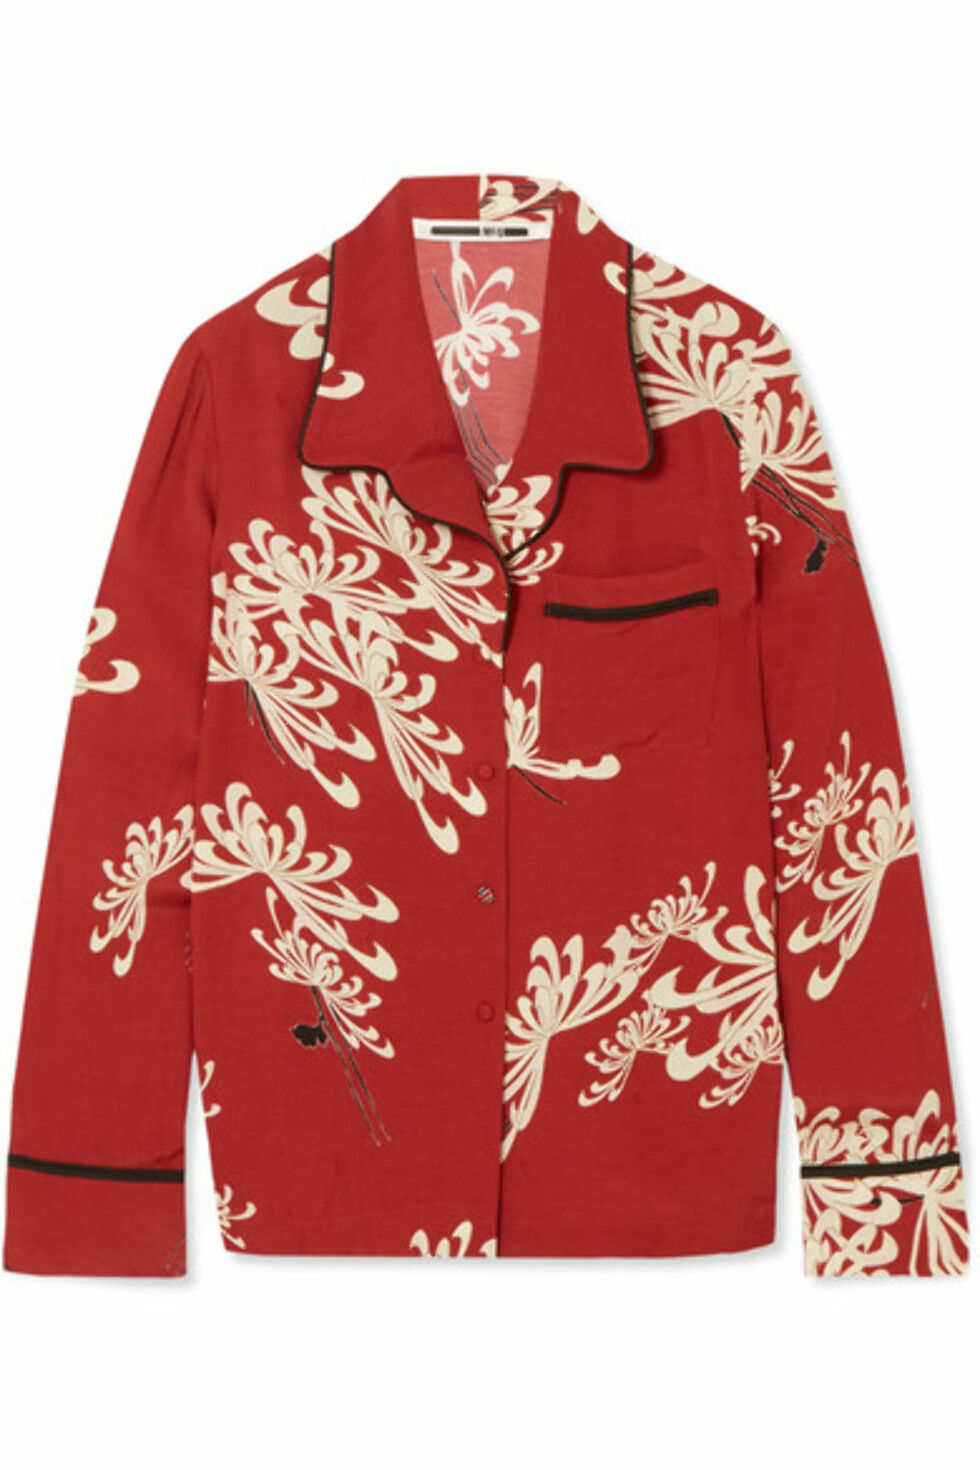 Skjorte fra Alexander McQueen via Net-a-porter.com  4300,-  https://www.net-a-porter.com/no/en/product/989279/mcq_alexander_mcqueen/printed-crepe-de-chine-shirt